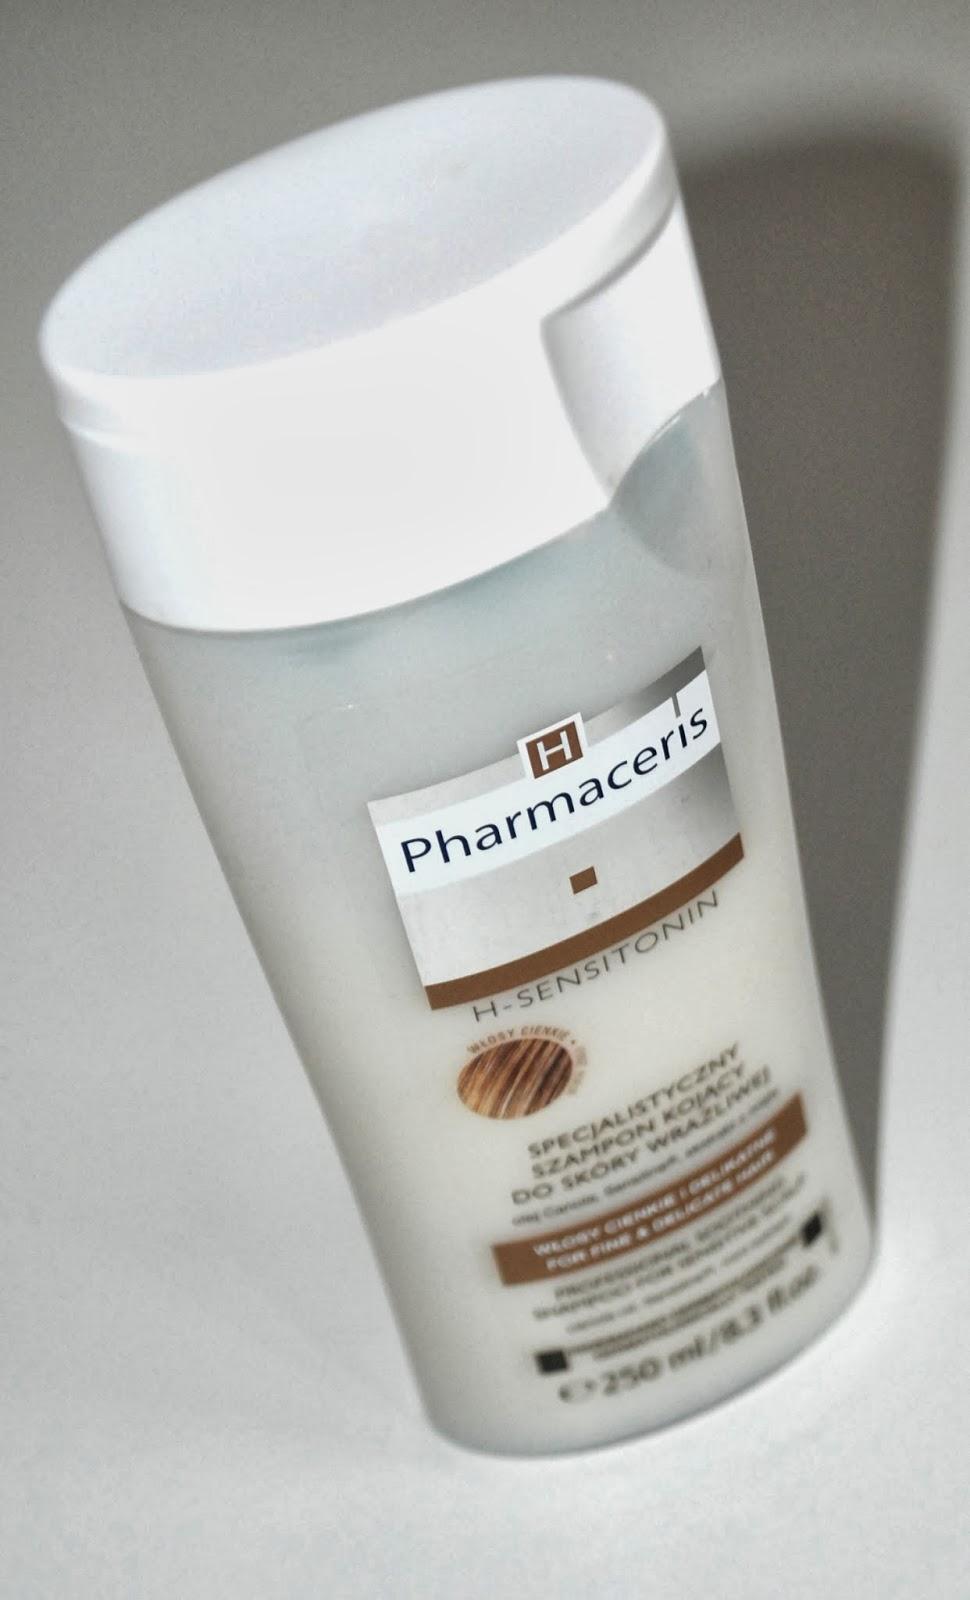 Ukoić skórę głowy - specjalistyczny szampon Pharmaceris.